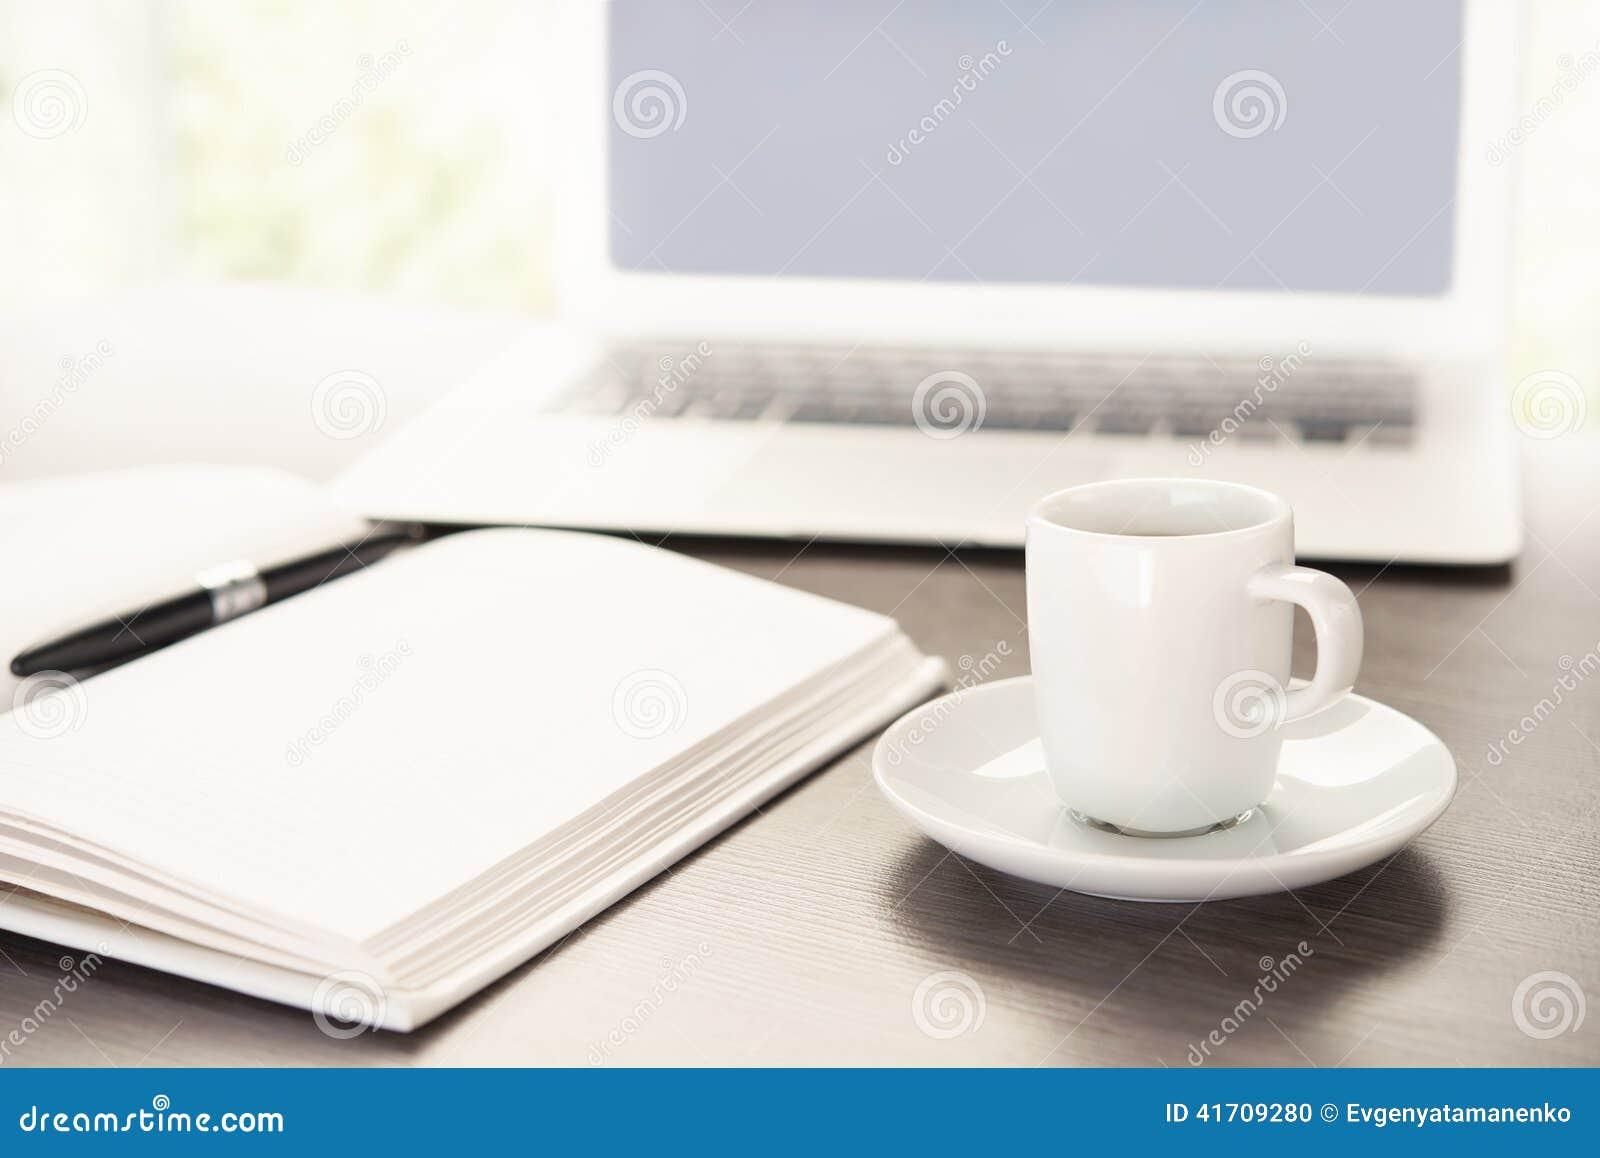 Pracuje biurko z filiżanka kawy komputerowym laptopem, notatnik, pióro